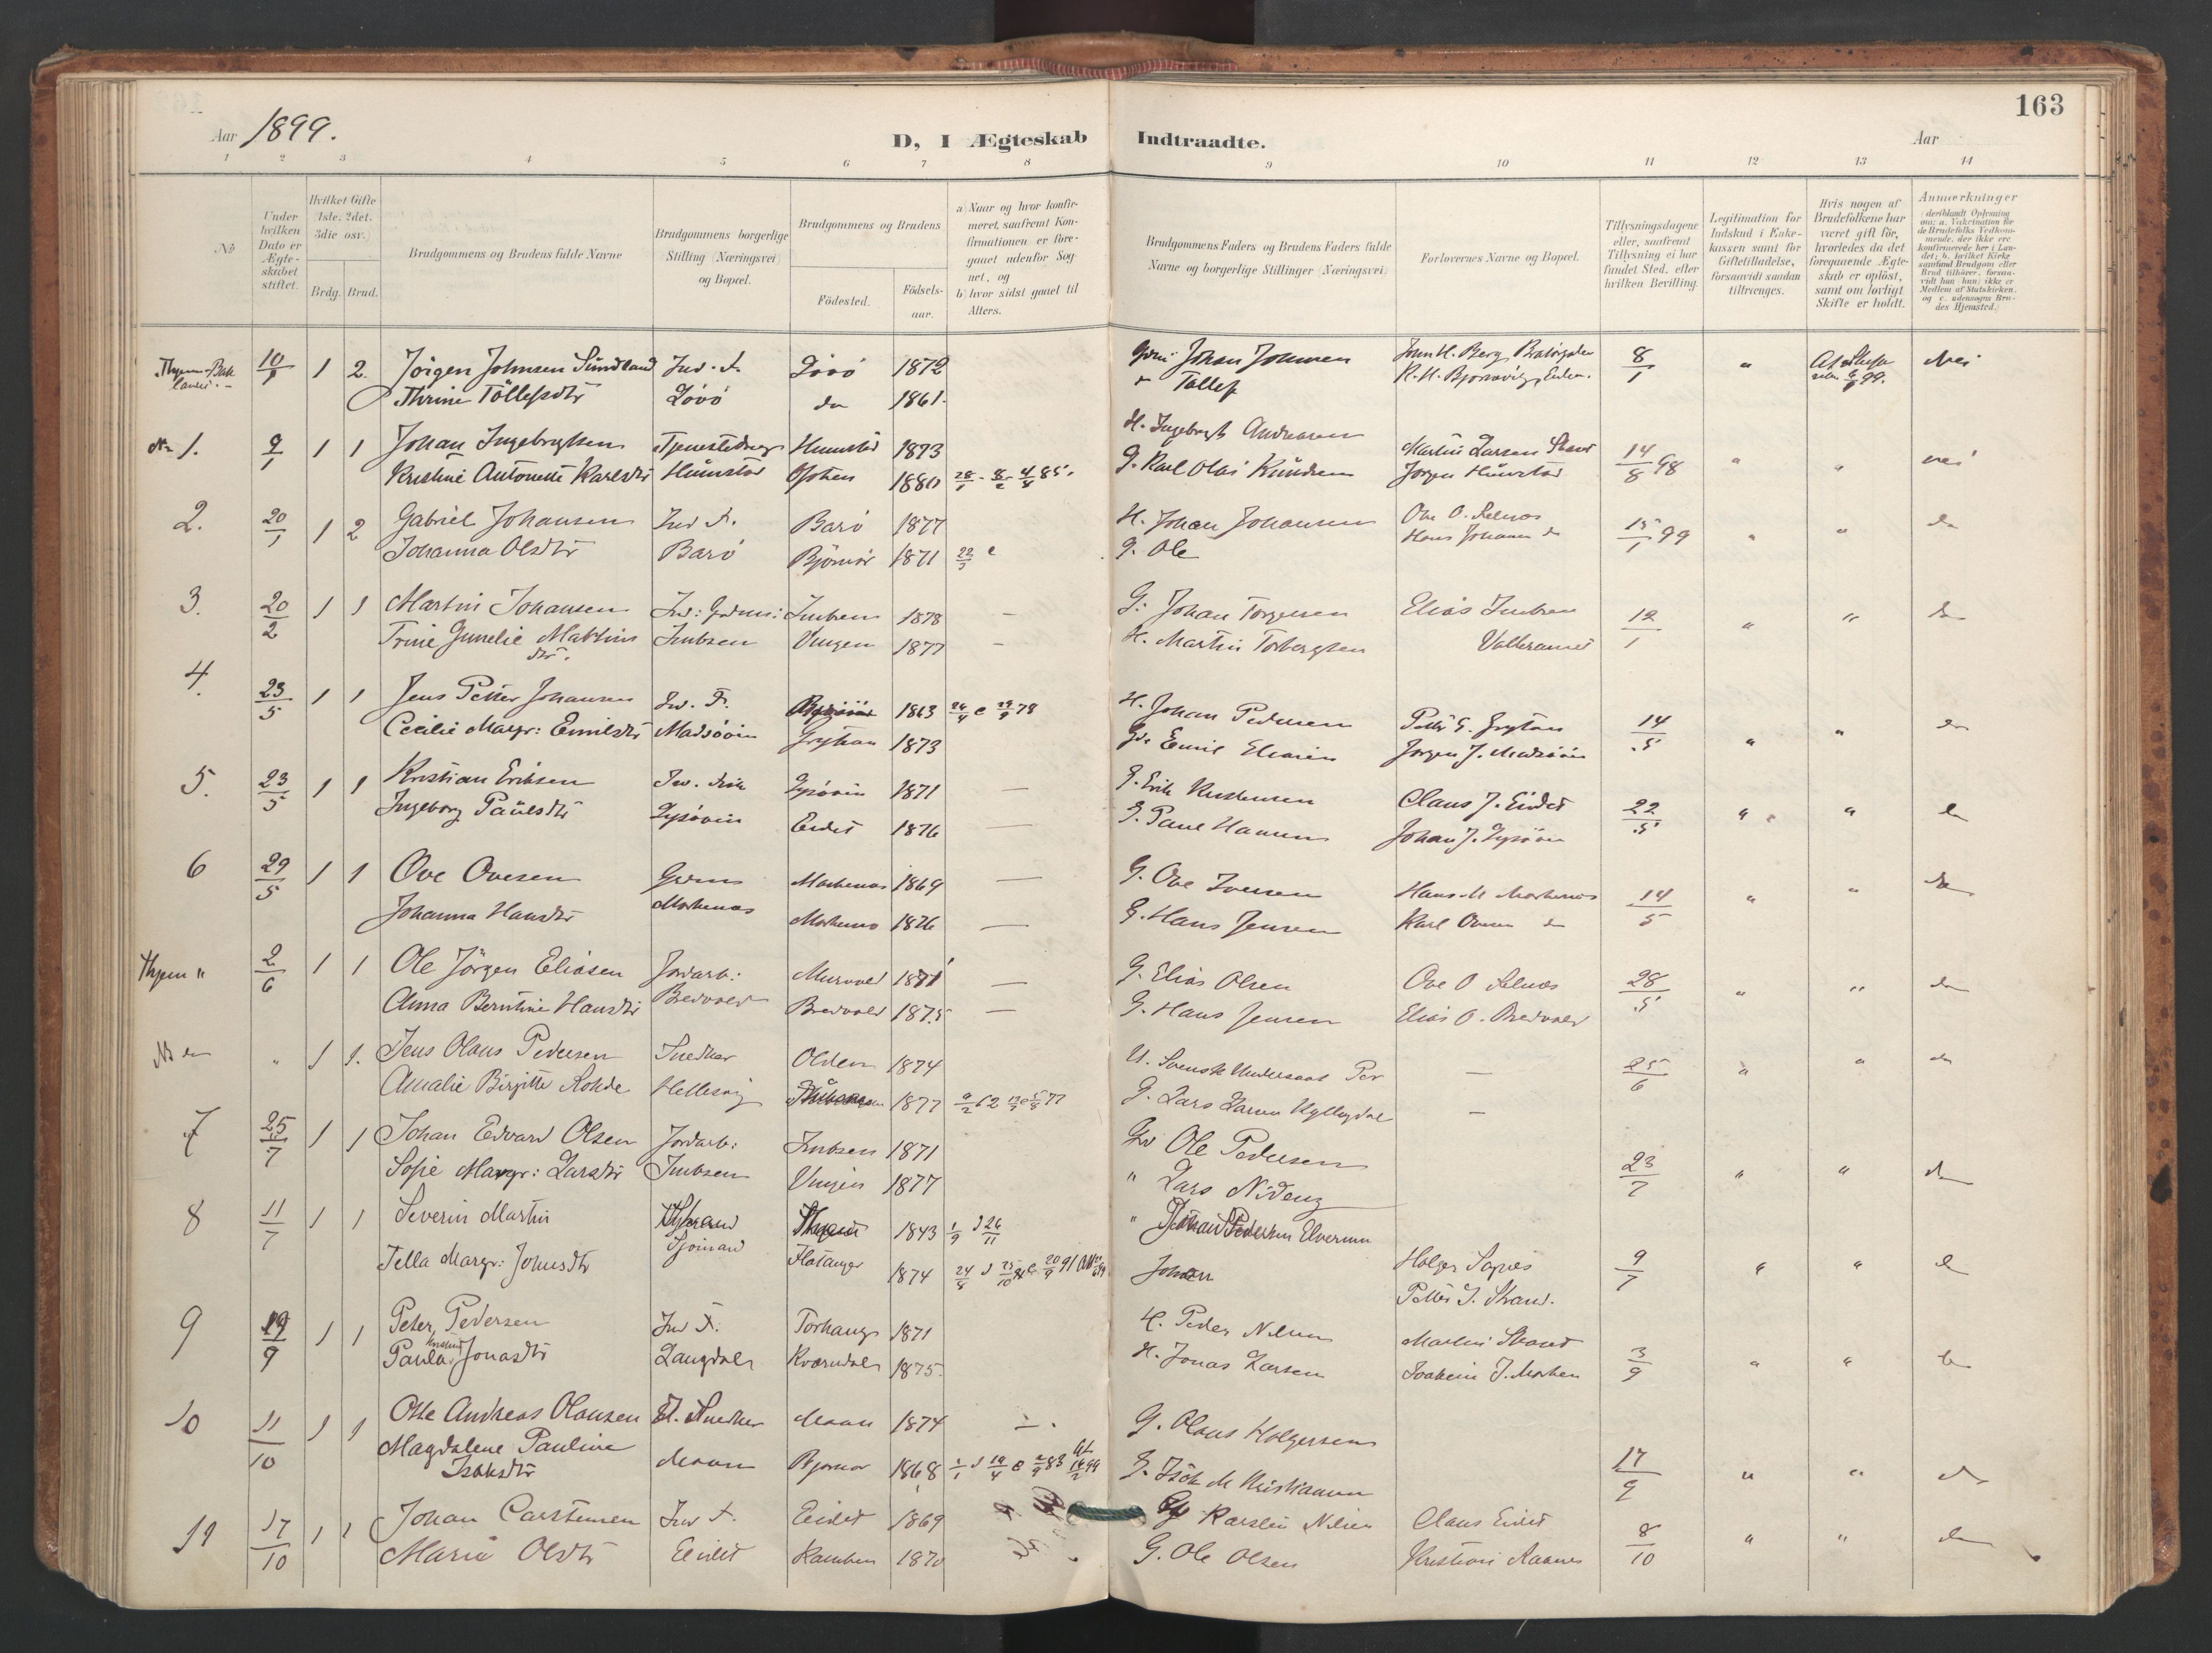 SAT, Ministerialprotokoller, klokkerbøker og fødselsregistre - Sør-Trøndelag, 655/L0681: Ministerialbok nr. 655A10, 1895-1907, s. 163